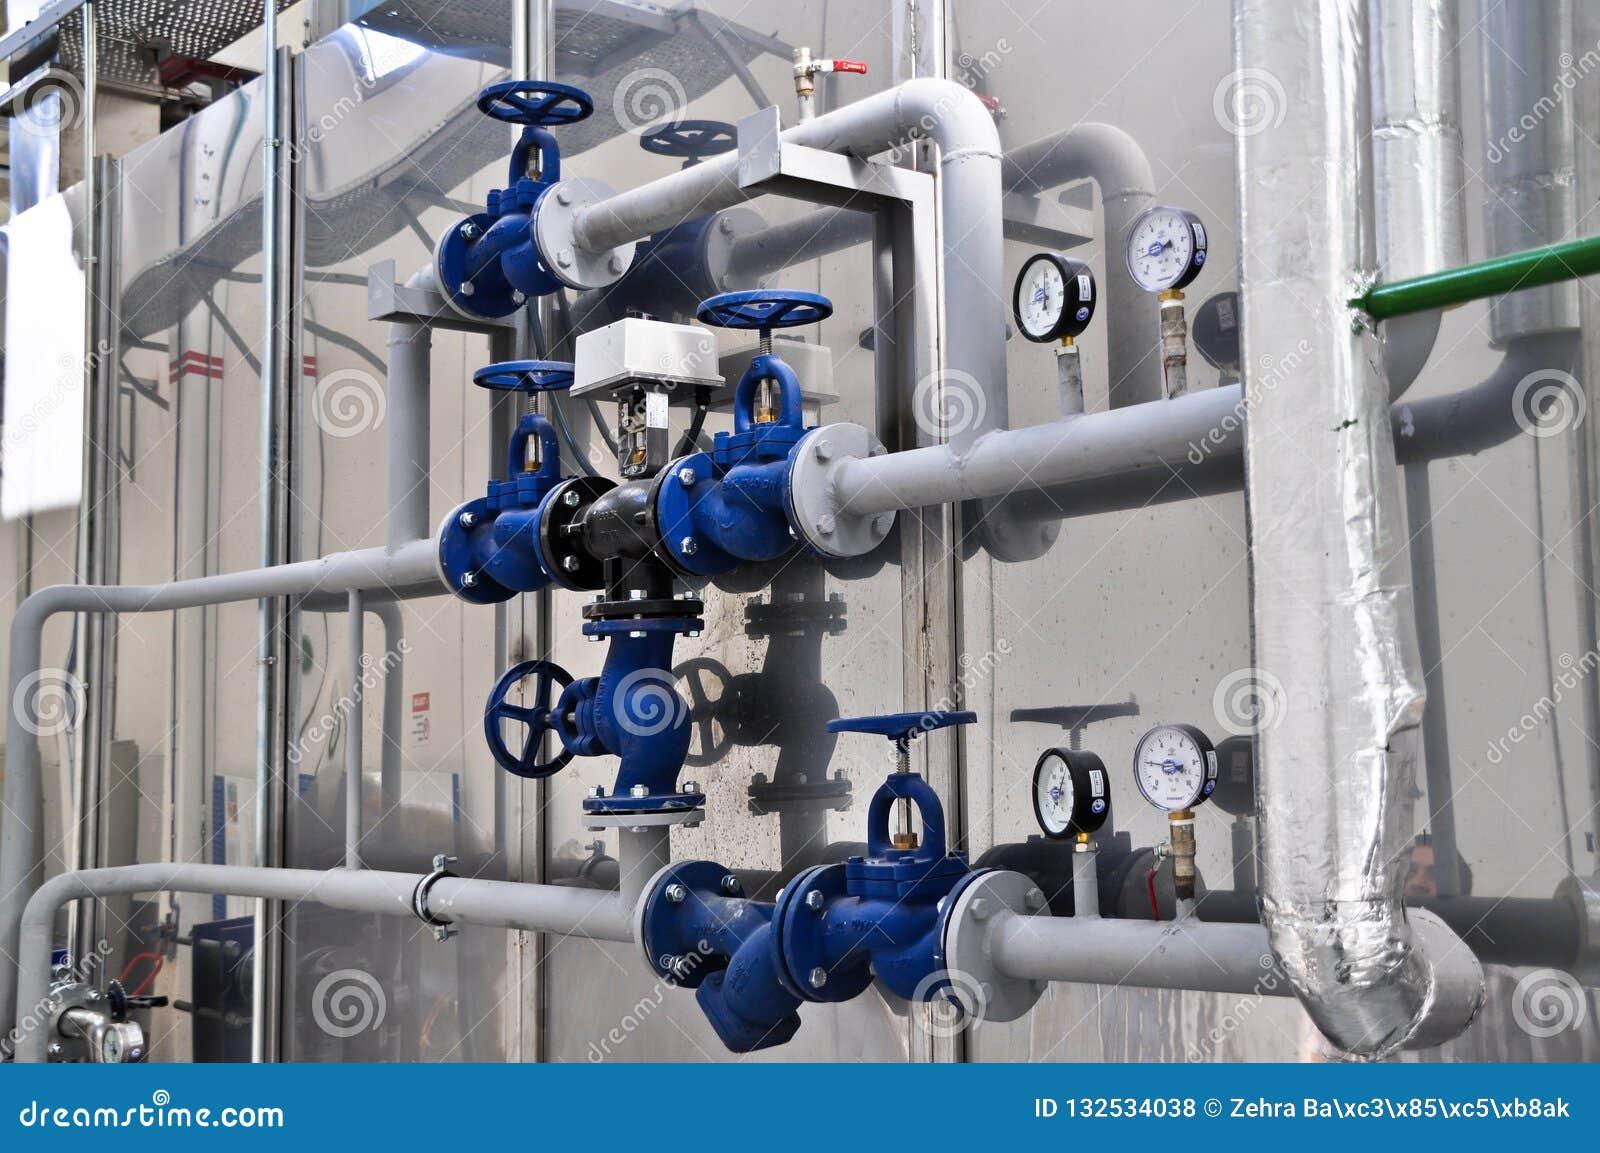 Válvulas em uma fábrica onde o sistema da pressão seja controlado